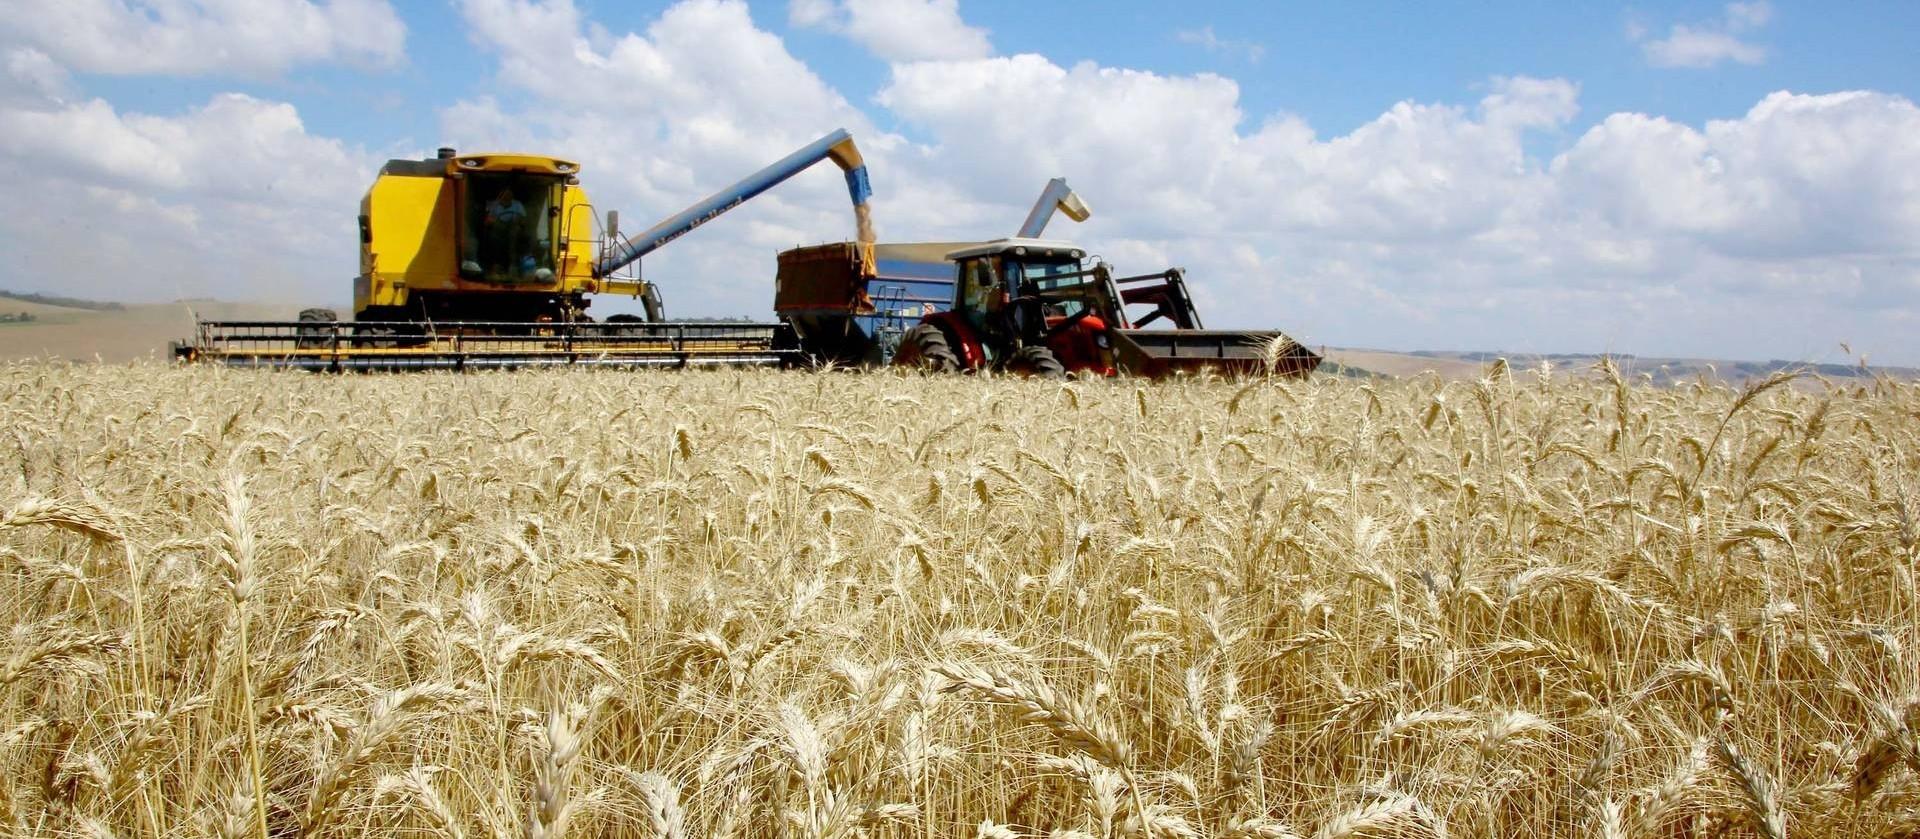 Agricultura de precisão: a importância da tecnologia no meio rural